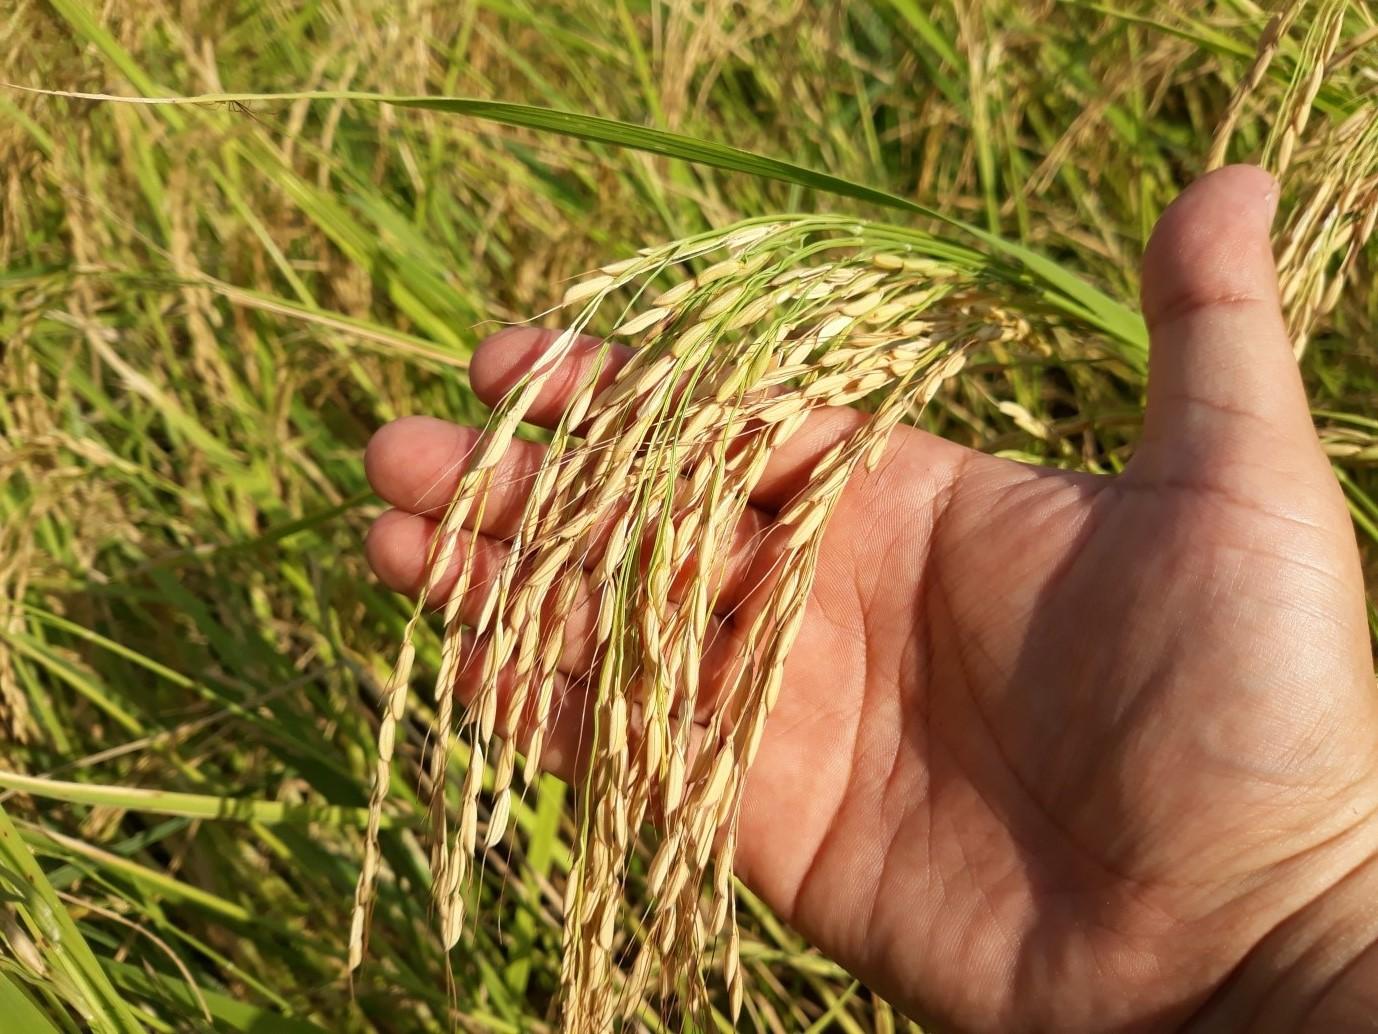 تاریخچه کشت برنج در ایران